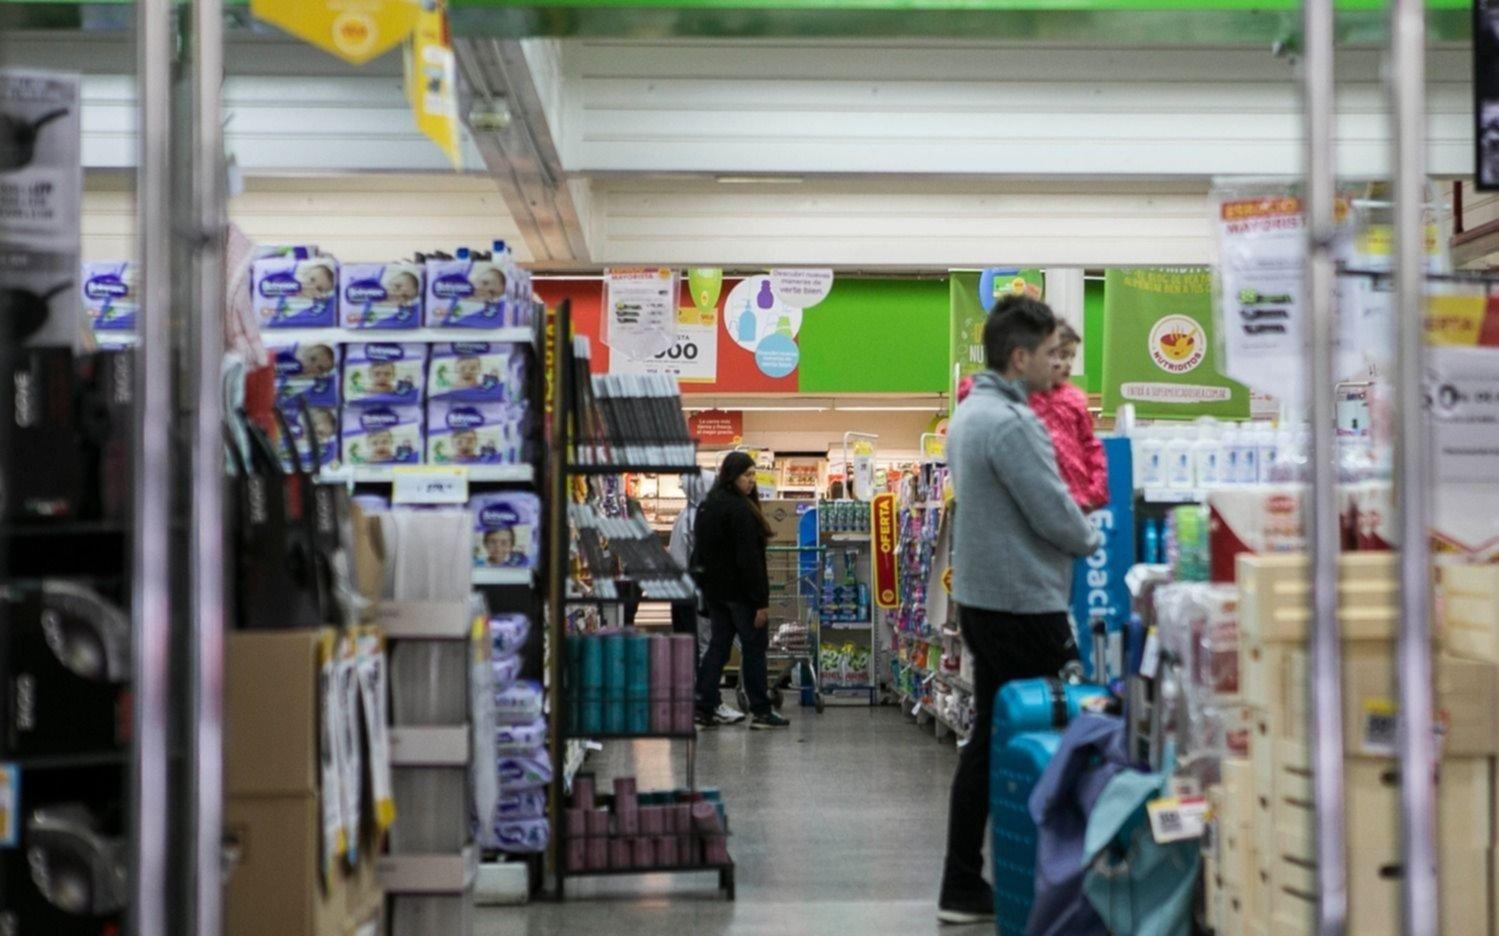 San Juan Precios Cuidados: suman productos y aumentan un 4,4%